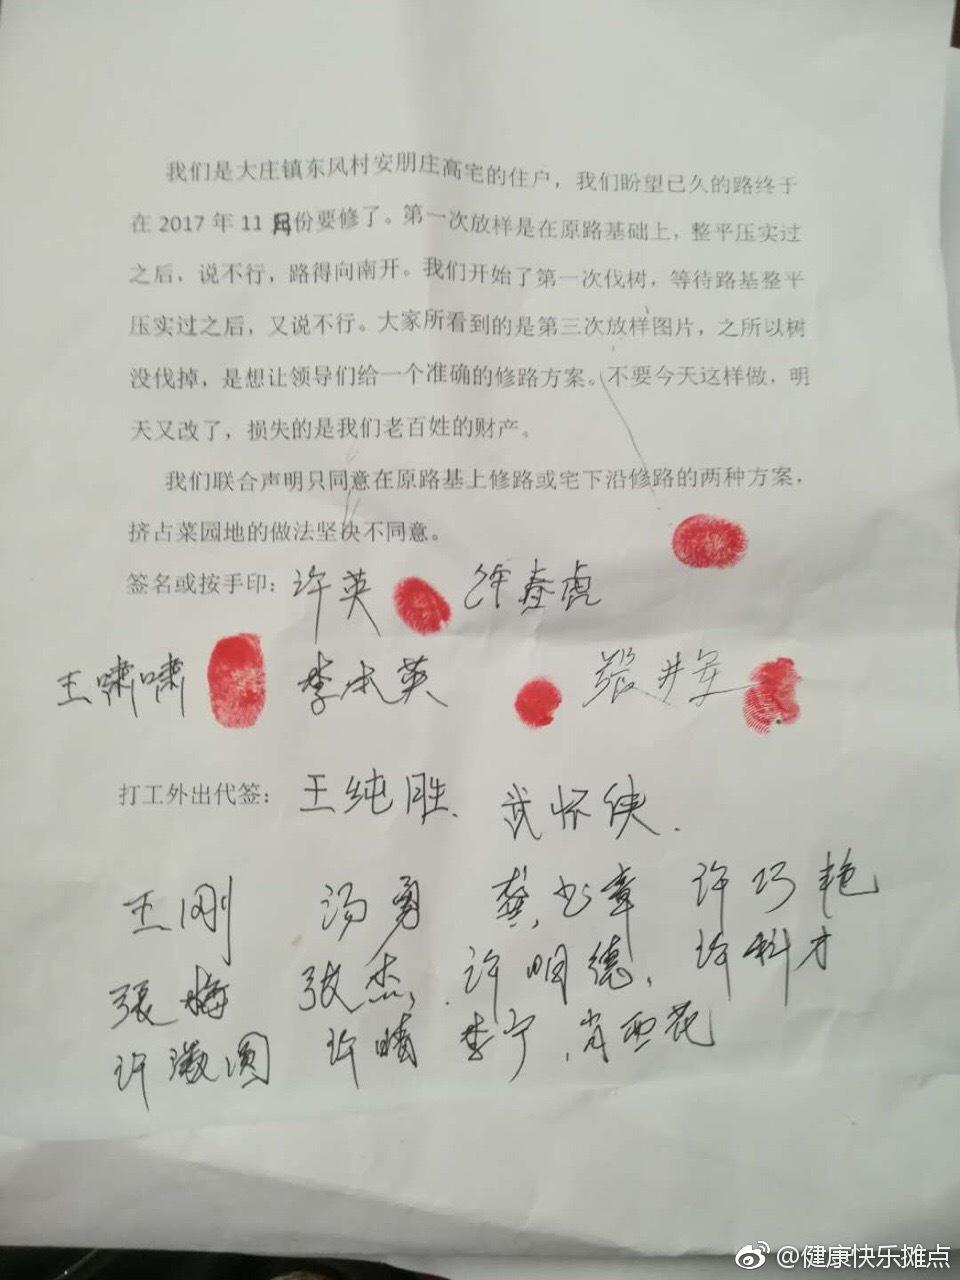 泗县大庄镇村民反映干部滥用职权损害百姓财产